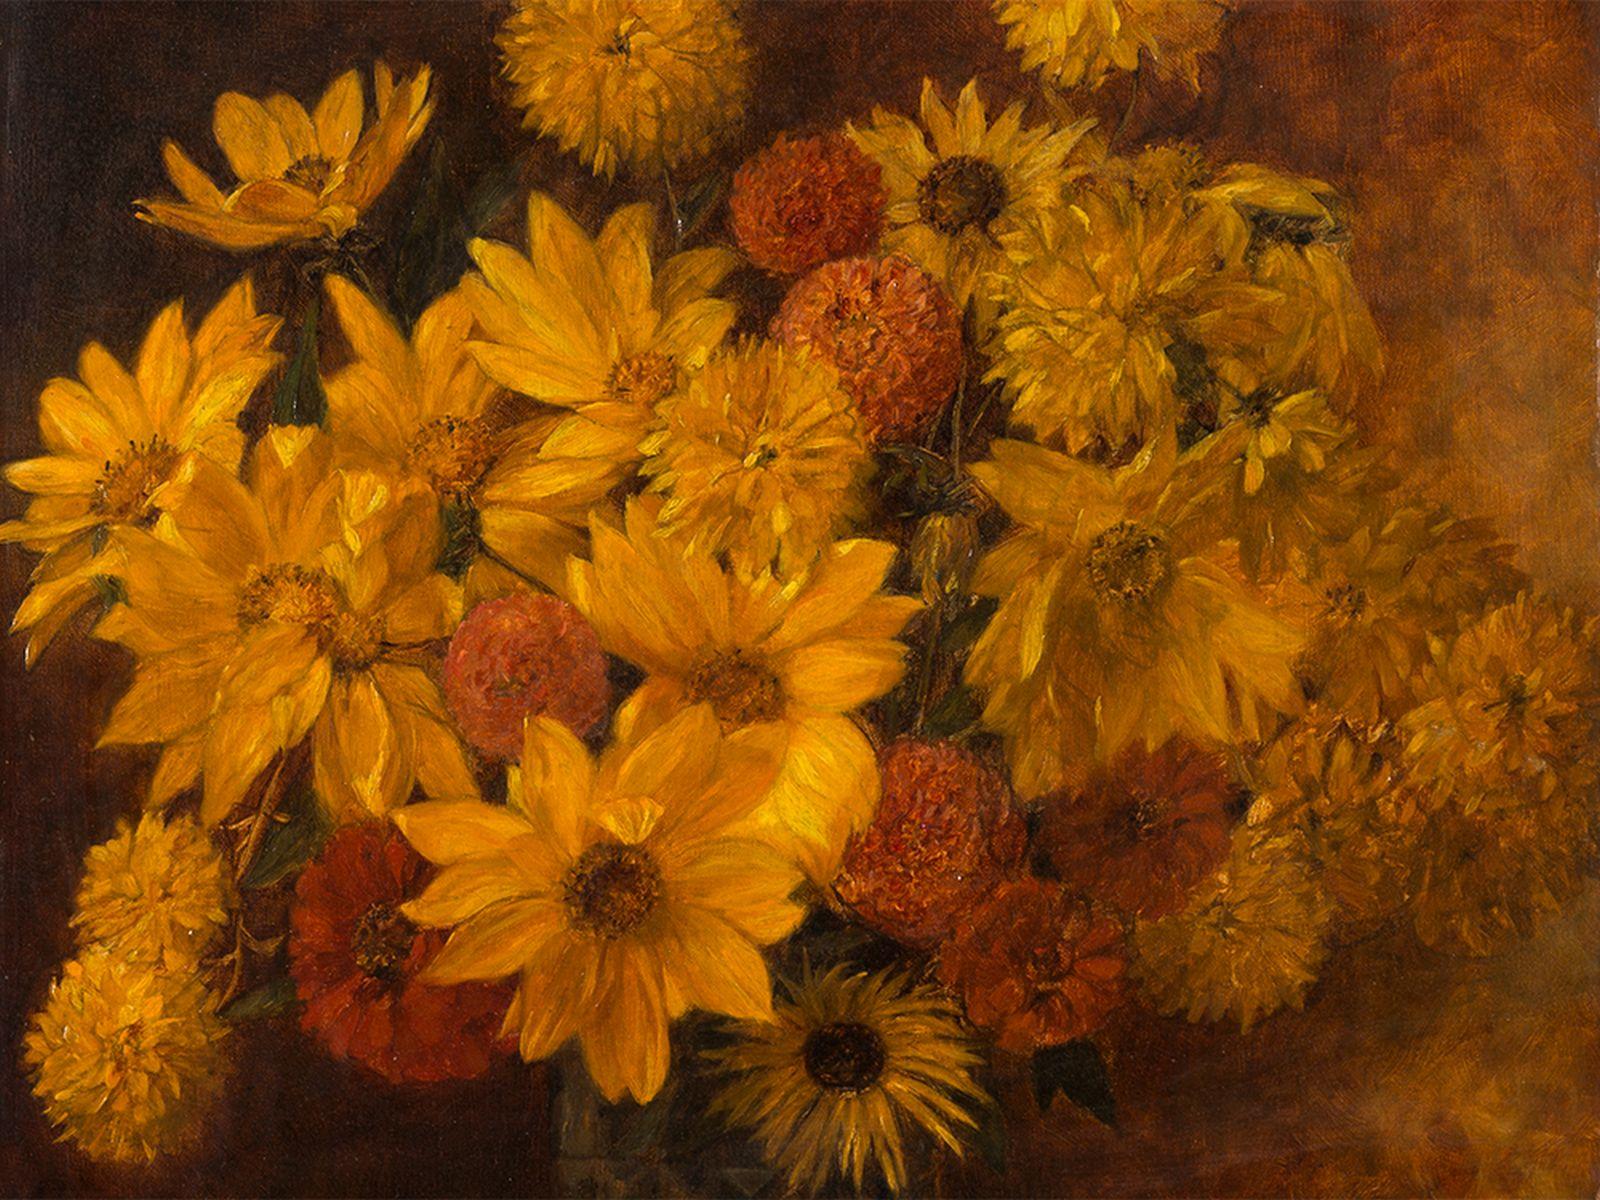 #62 Marcel Kammerer (1878-1959), flower still life, painting, 1925 | Marcel Kammerer (1878-1959), Blumenstillleben, Gemälde, 1925 Image